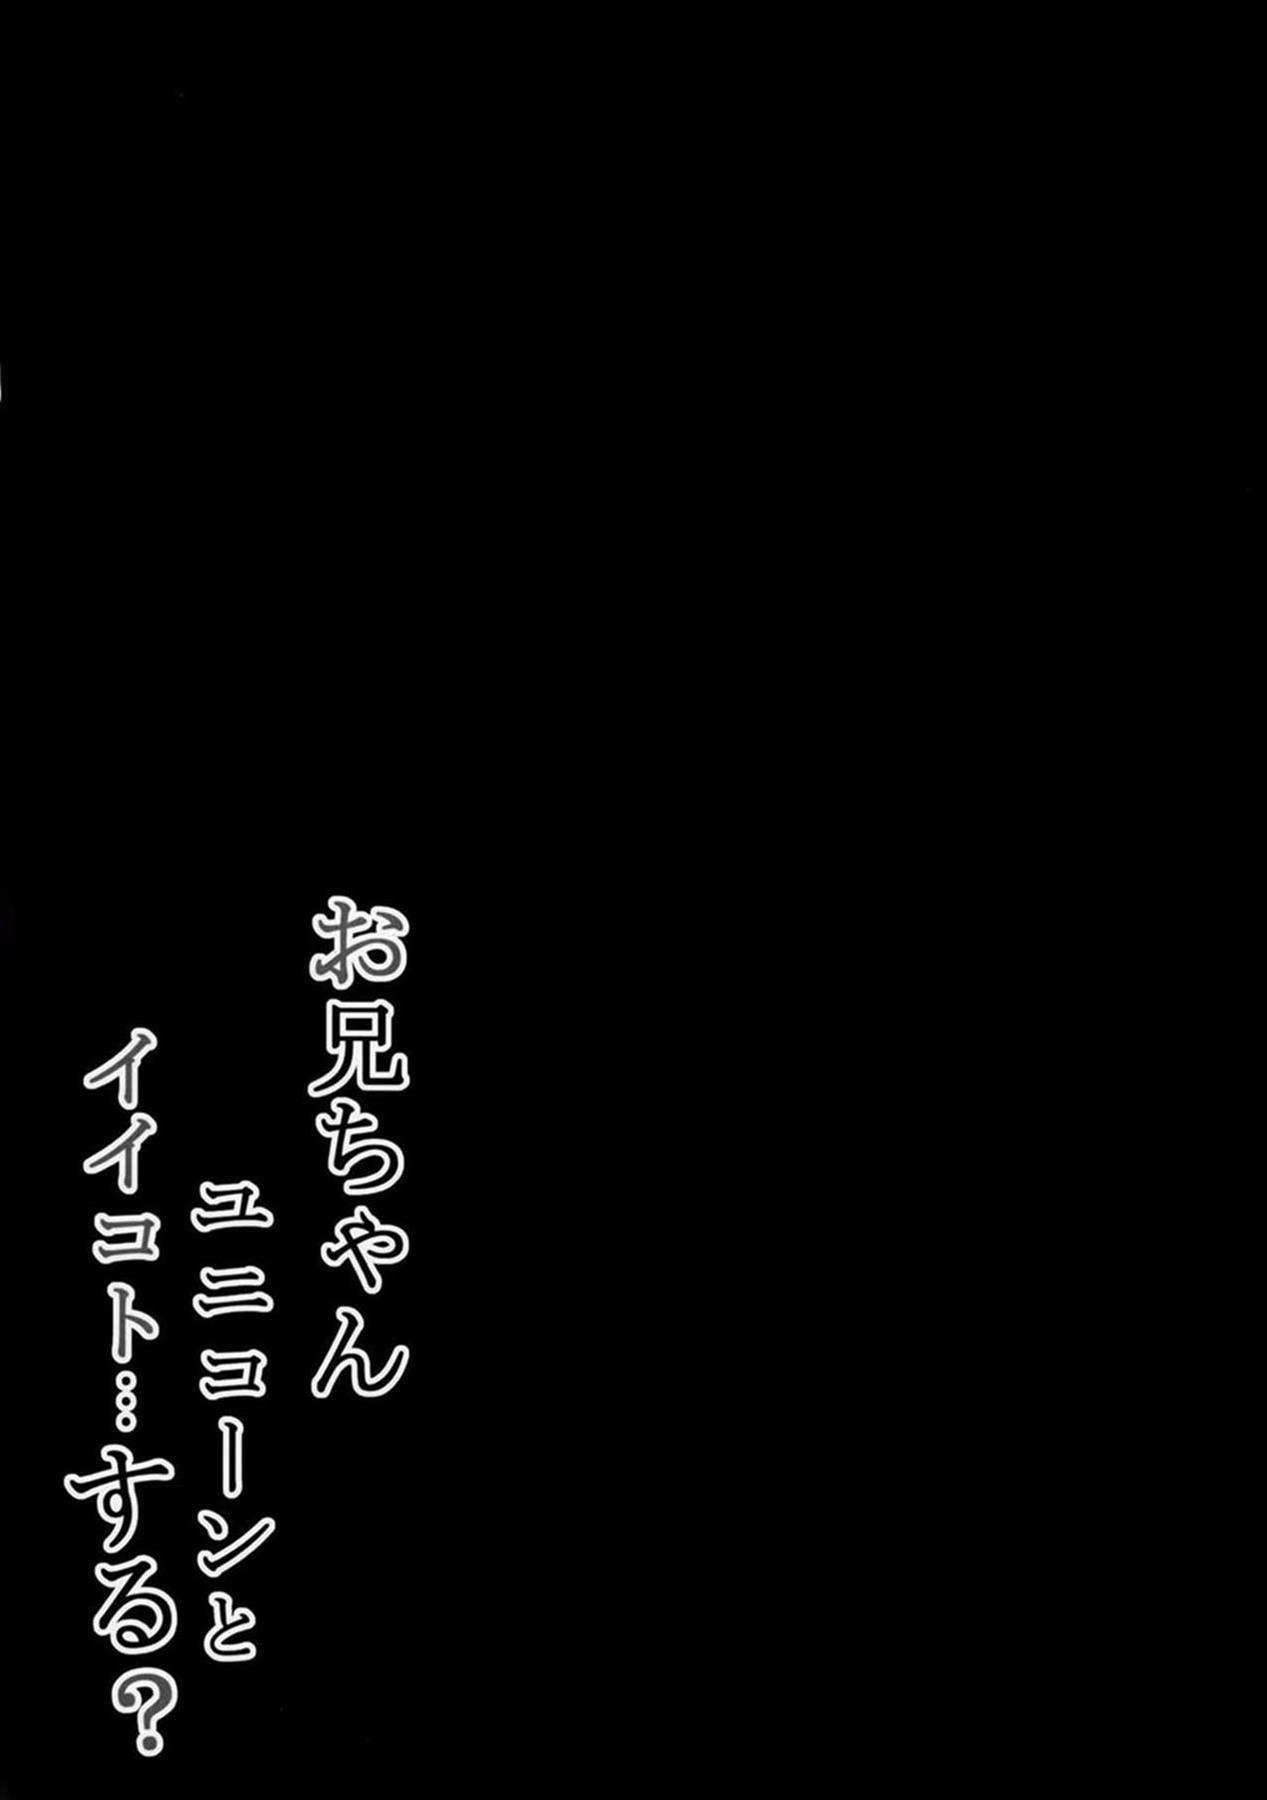 ロリ巨乳幼女のユニコーンとセックスしちゃうよんwwwwww【アズールレーン エロ漫画・エロ同人】 (4)